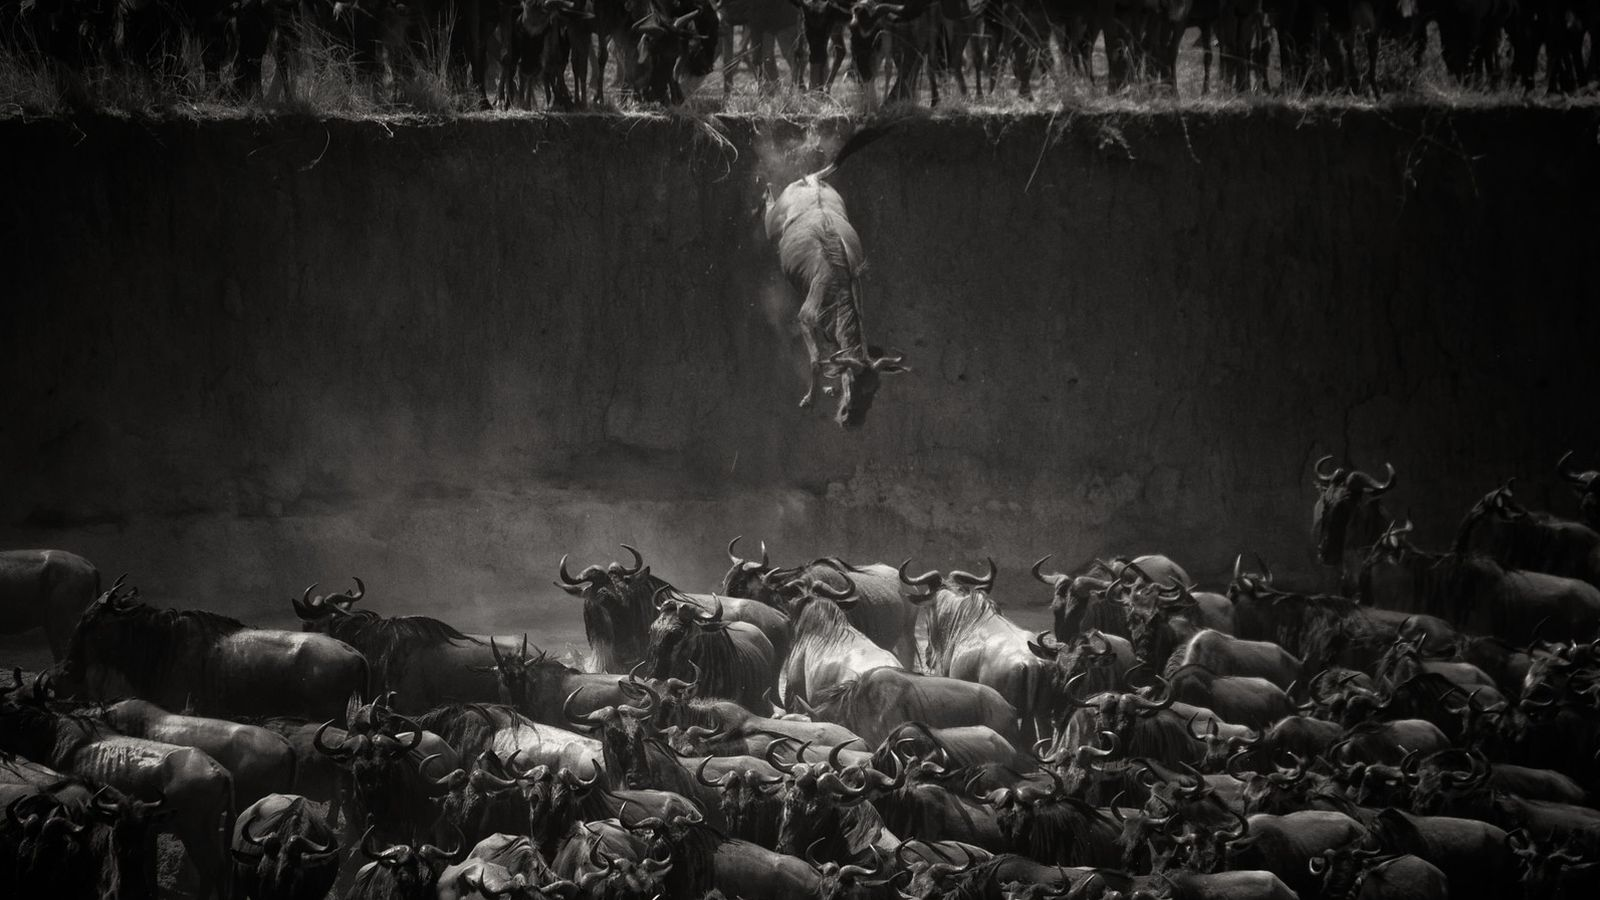 más en La cuarenta Animales: salvaje naturaleza imágenes